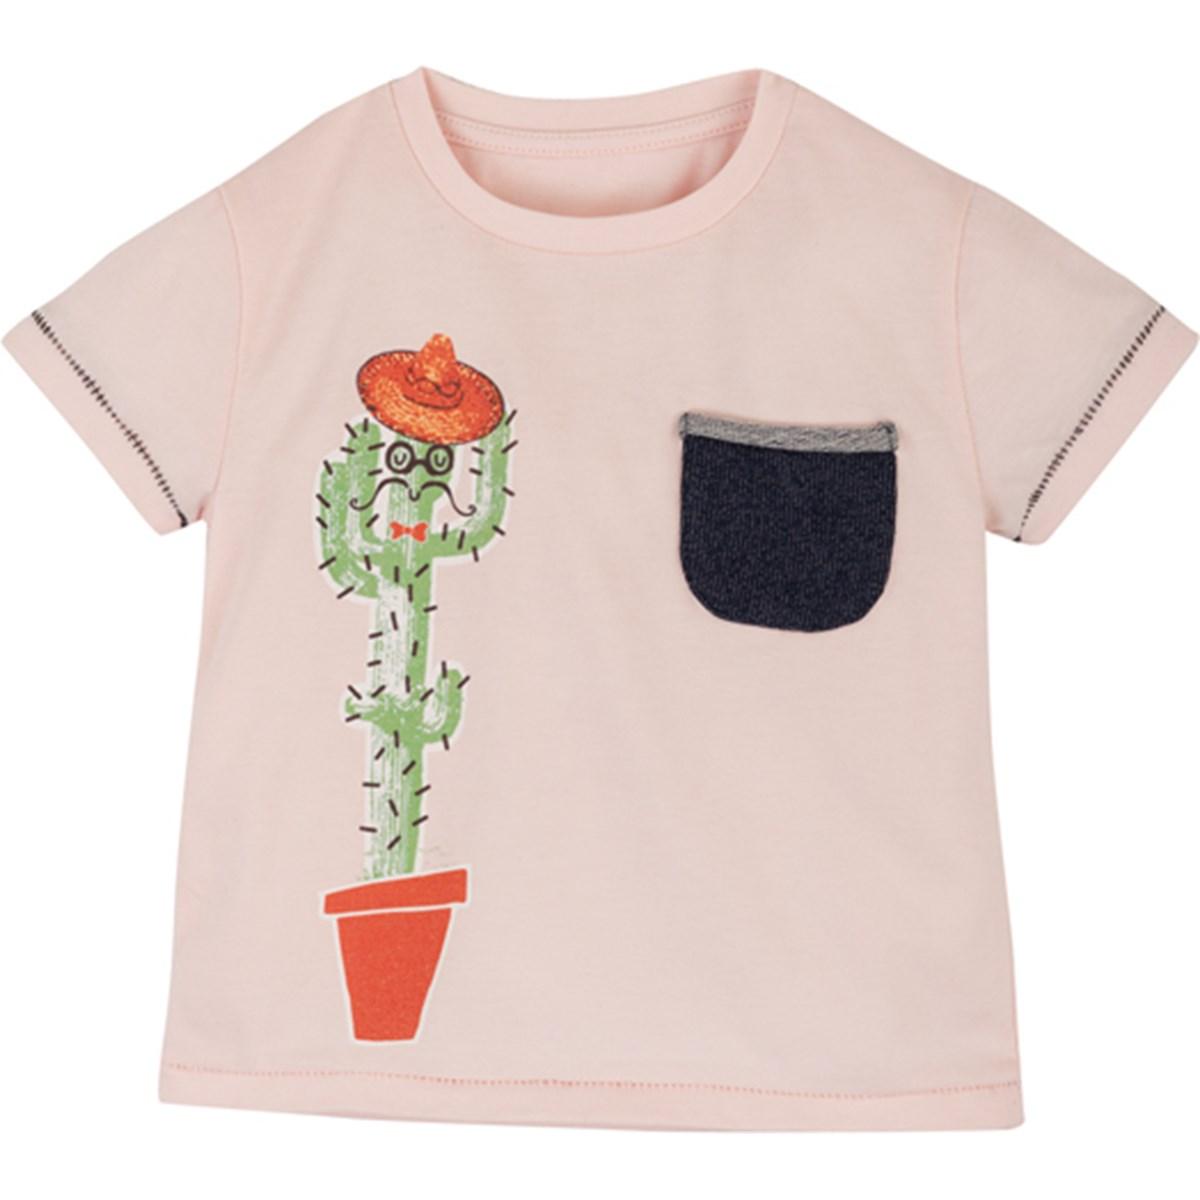 8674 Tshirt 1